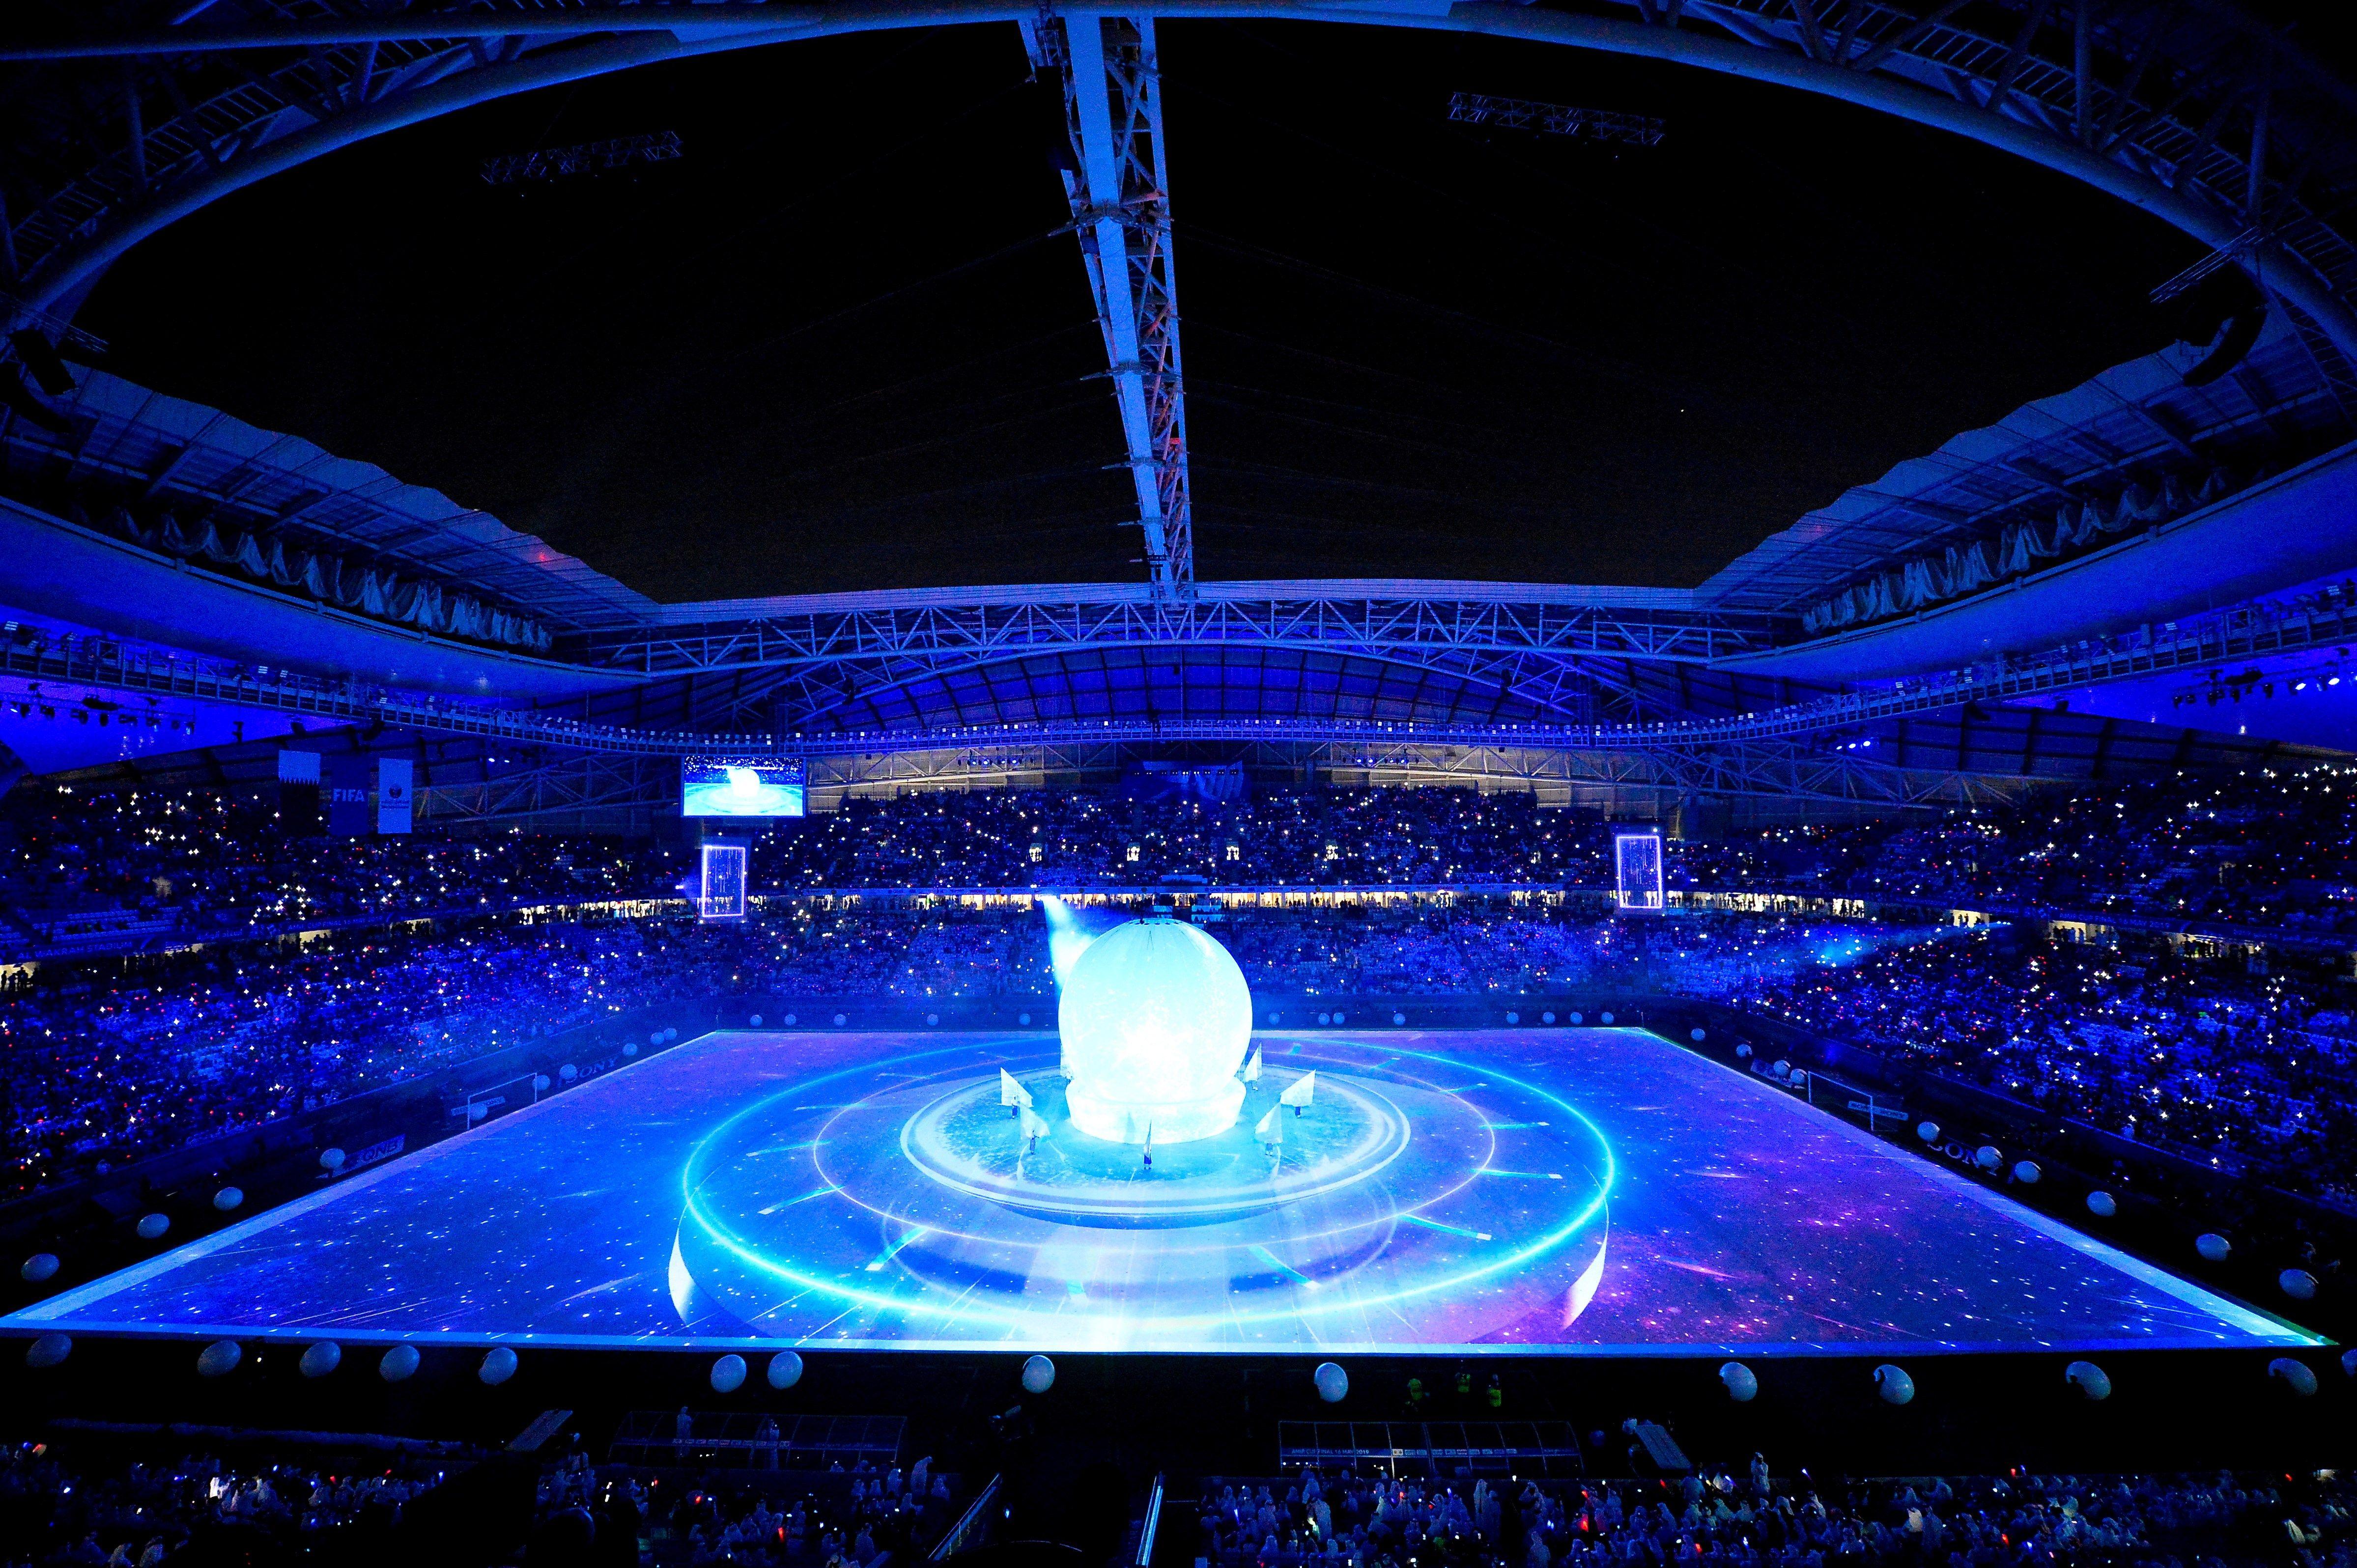 Ceremonia inaugural del estadio Al Wakrah para la Copa Mundial de al FIFA 2022, en Doha, Qatar. (Foto Prensa Libre: Hemeroteca PL)